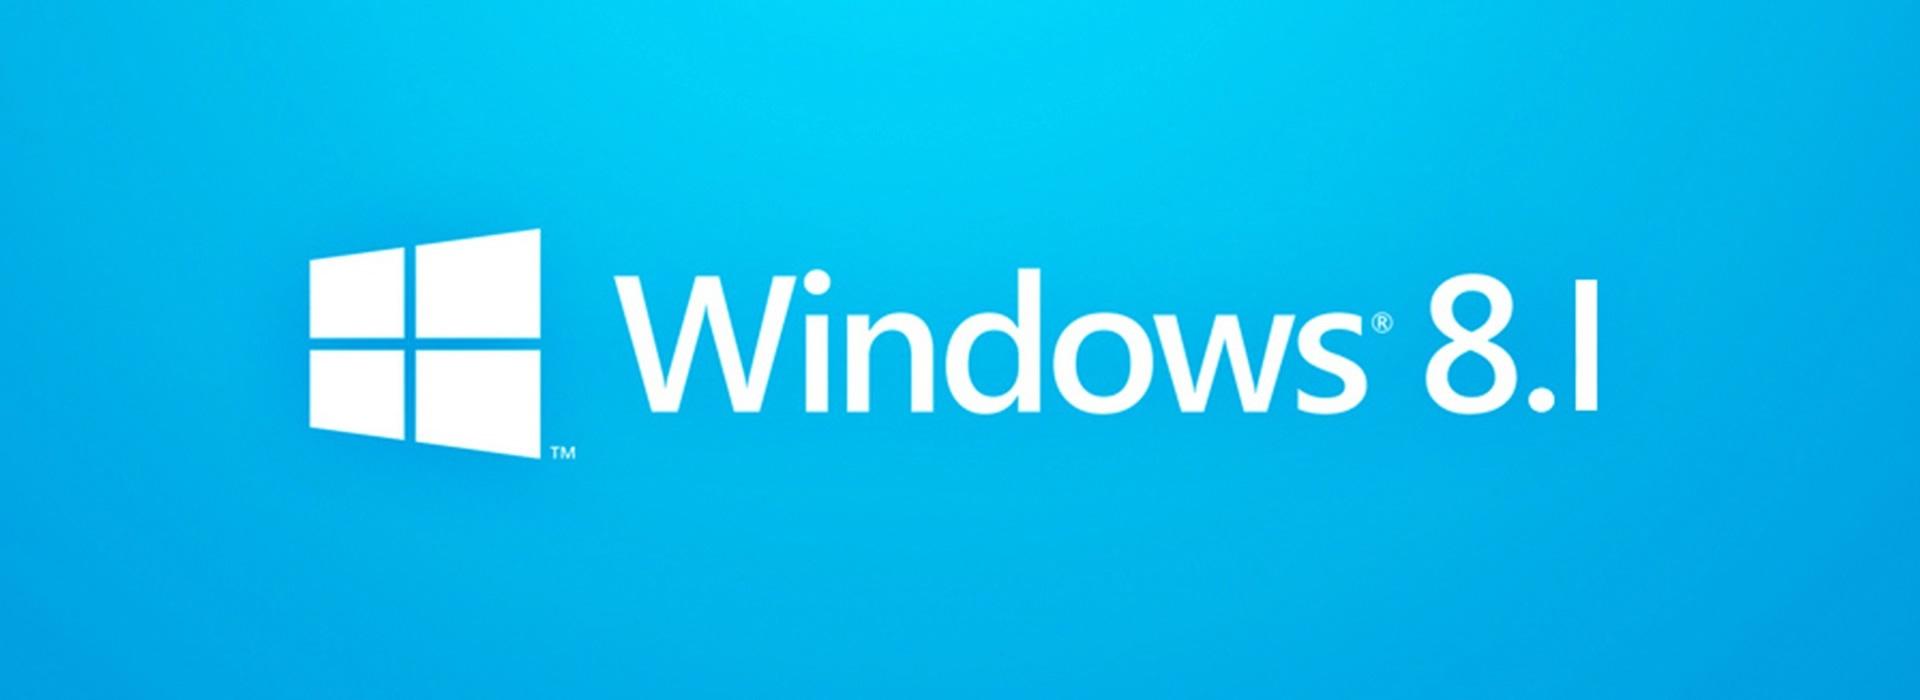 windows 8 download portugues completo 64 bits